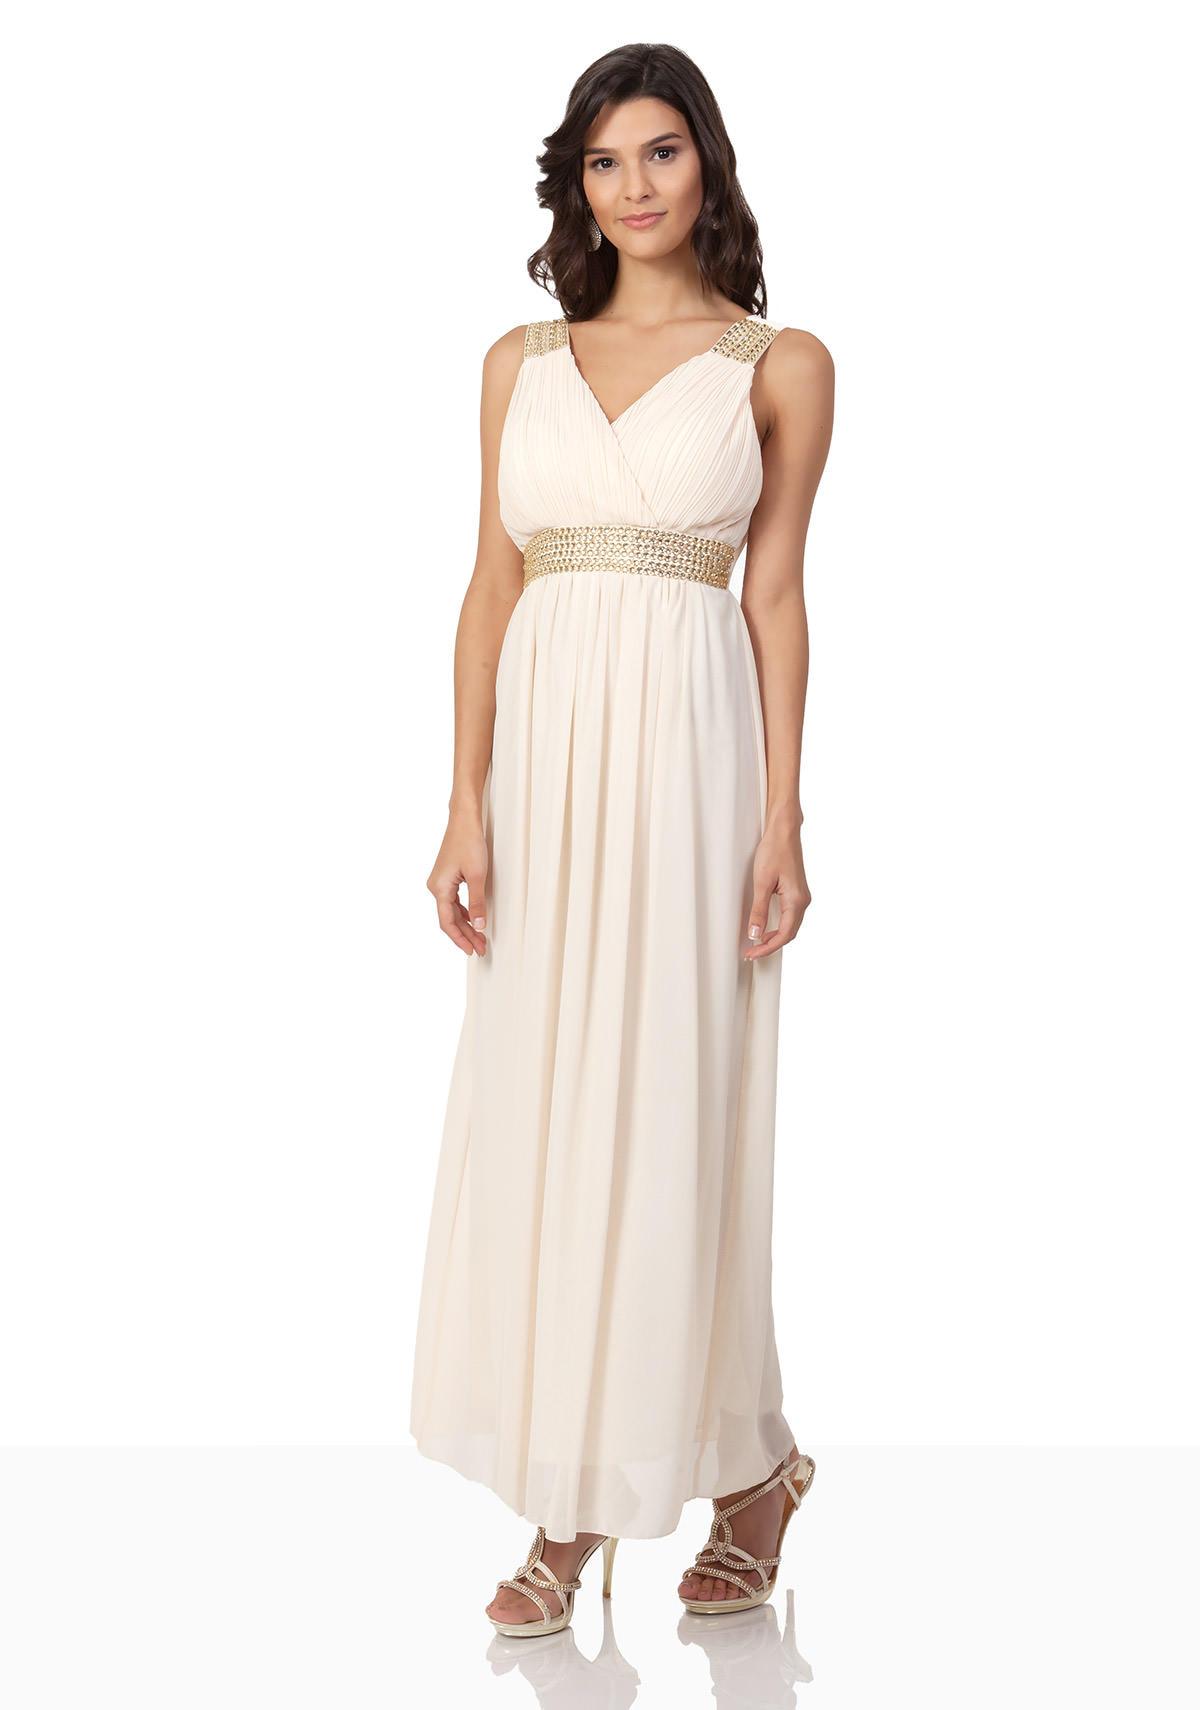 15 Ausgezeichnet Abendkleid Beige Stylish20 Luxus Abendkleid Beige Galerie